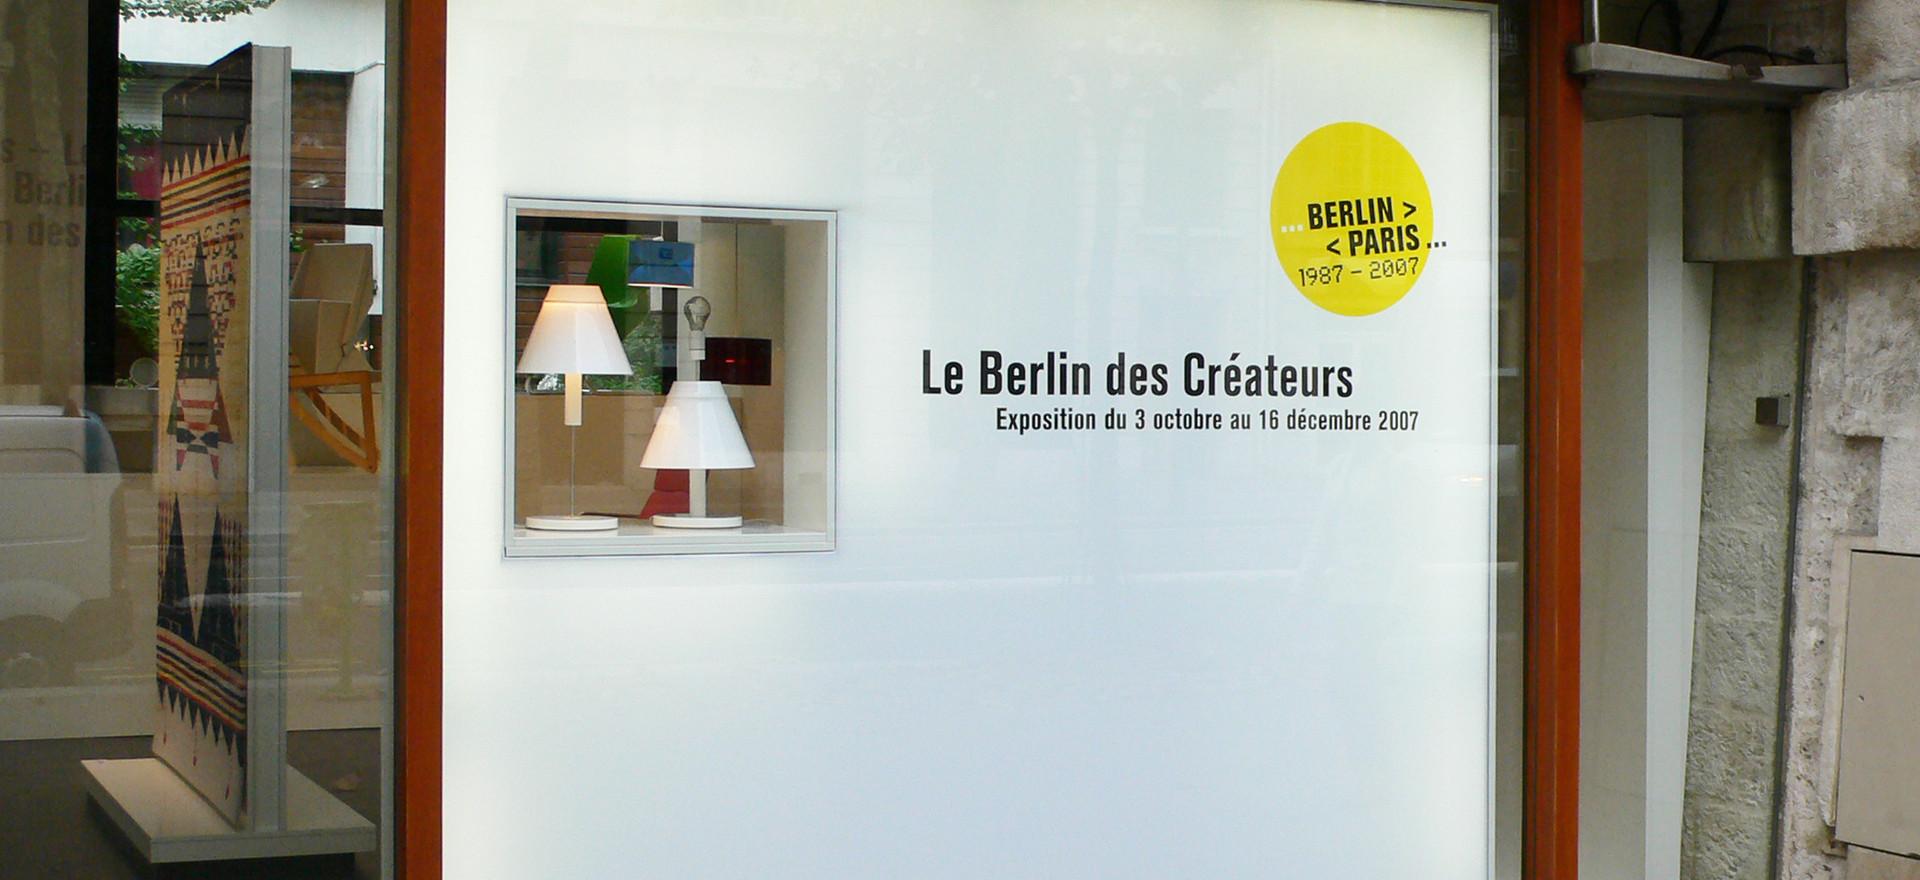 Le Berlin des Créateurs